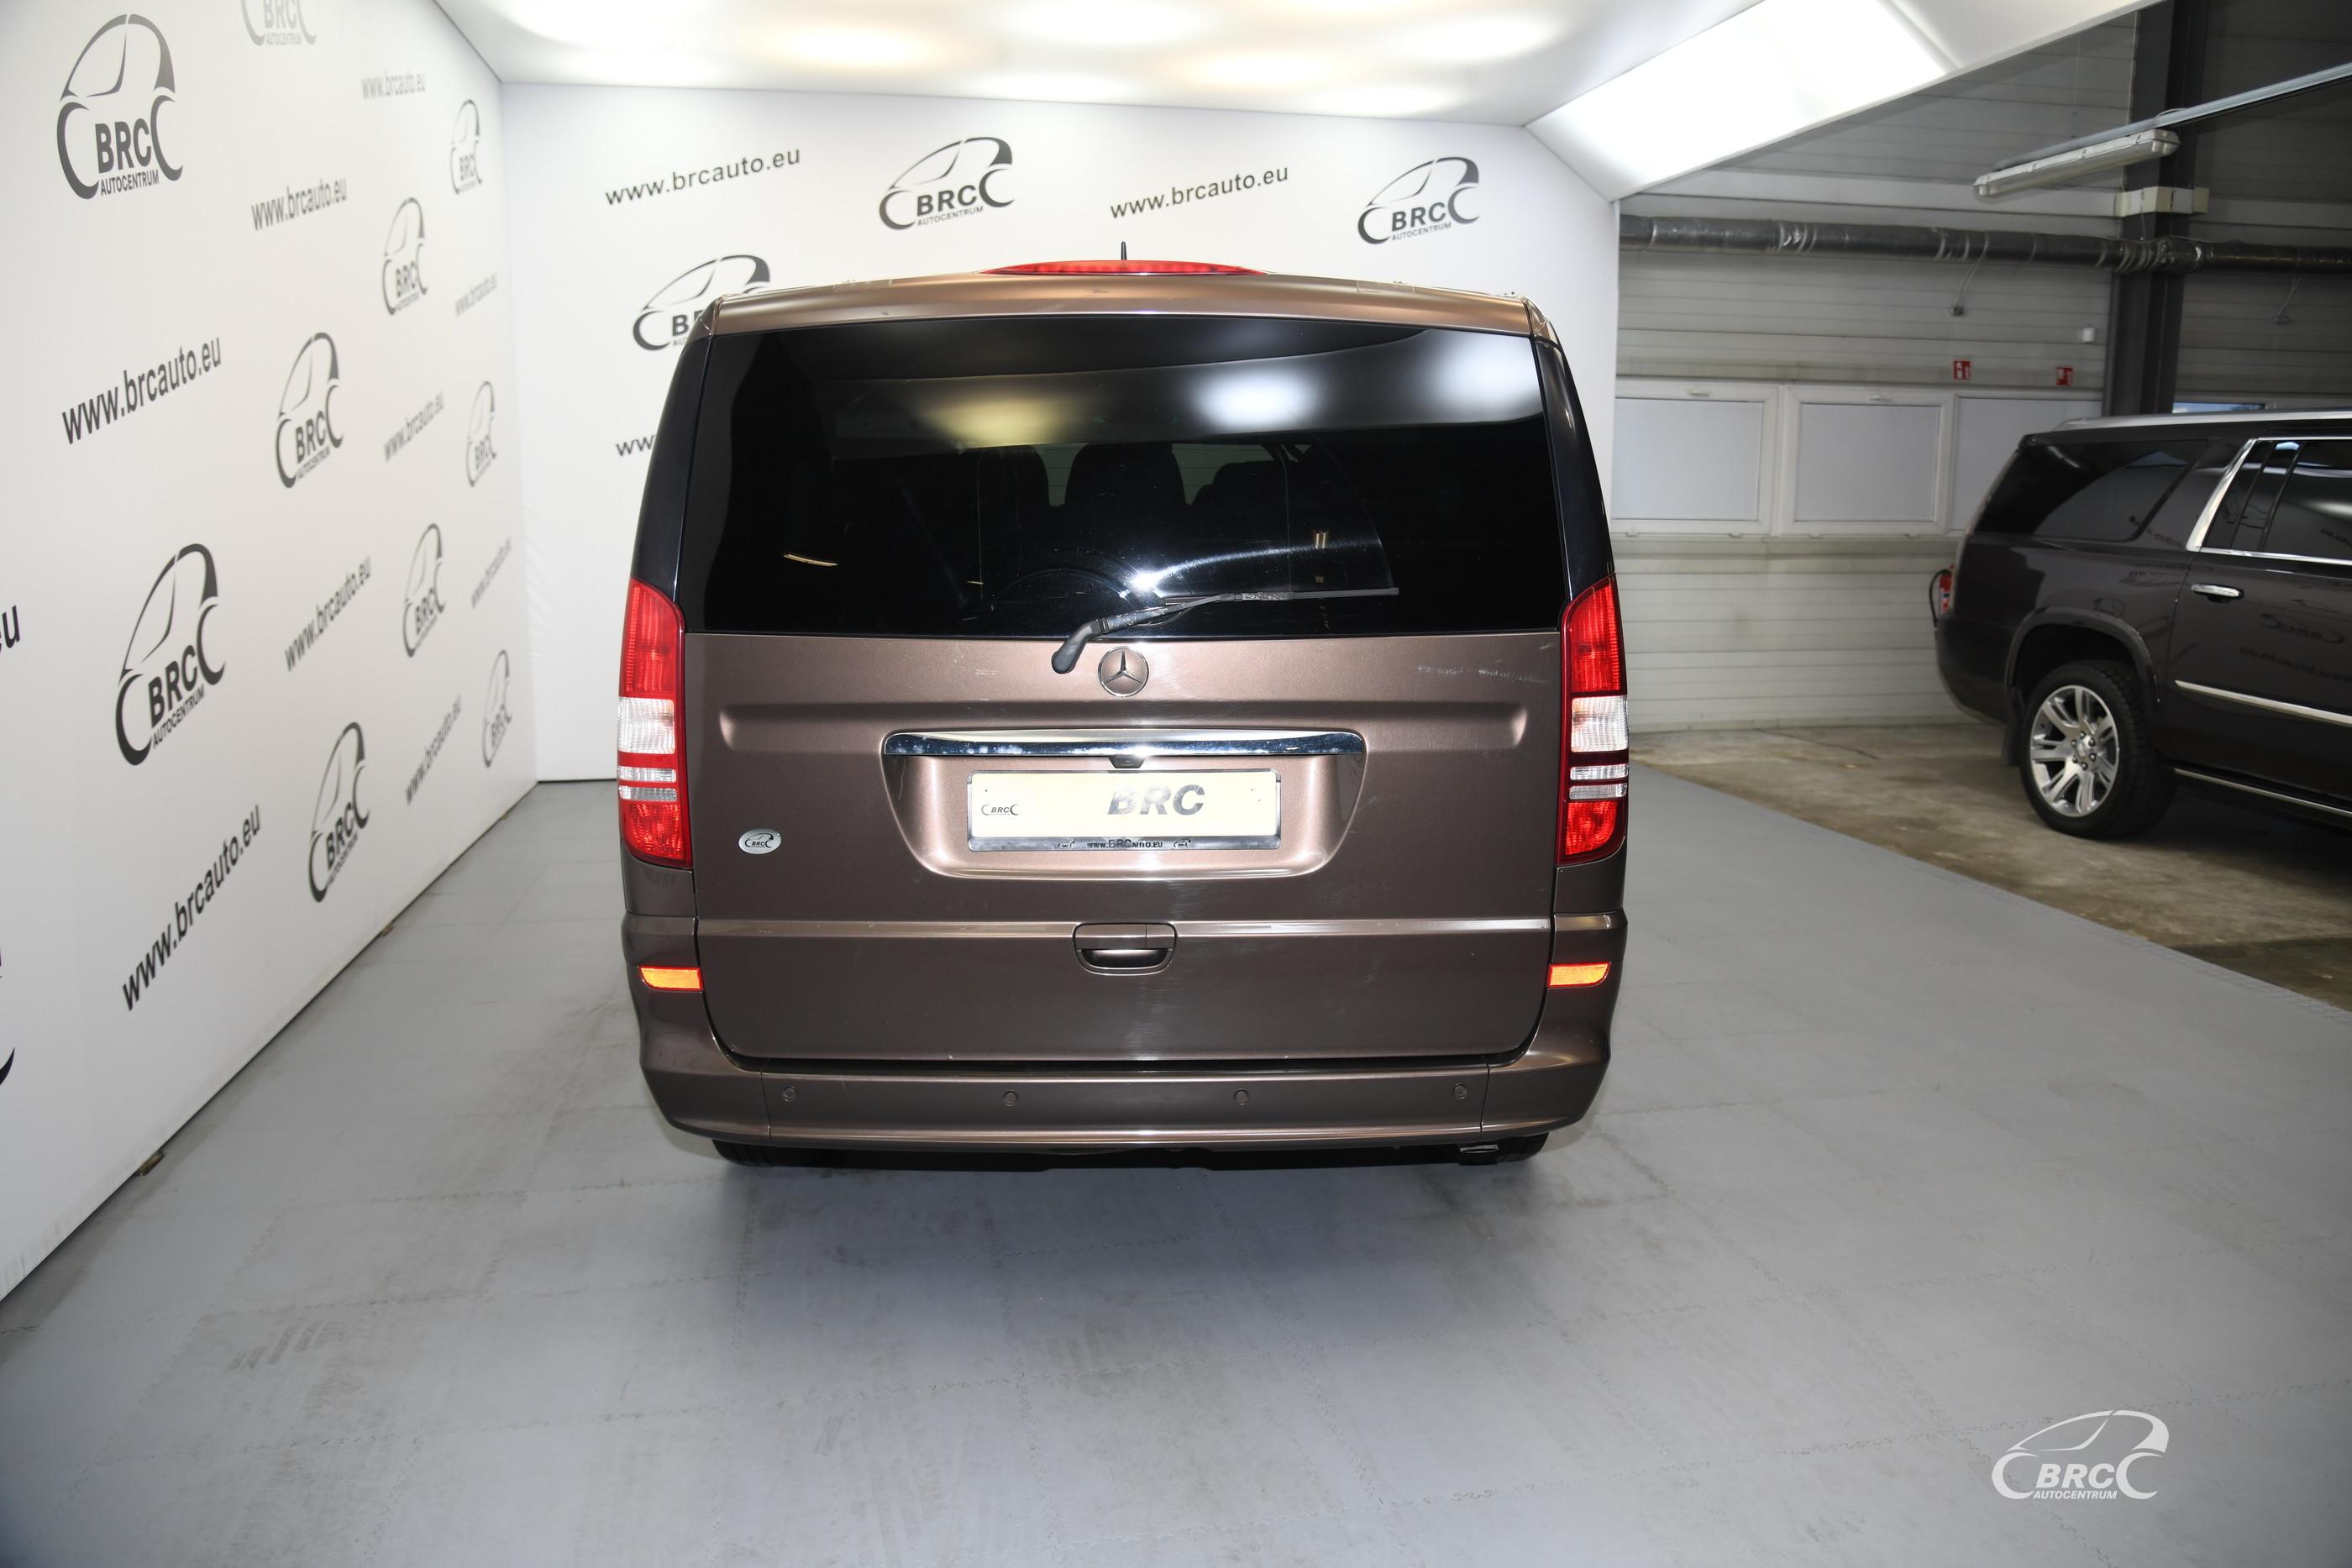 Mercedes-Benz Viano 2.2 CDI 4 Matic Ambiente Edition Automatas